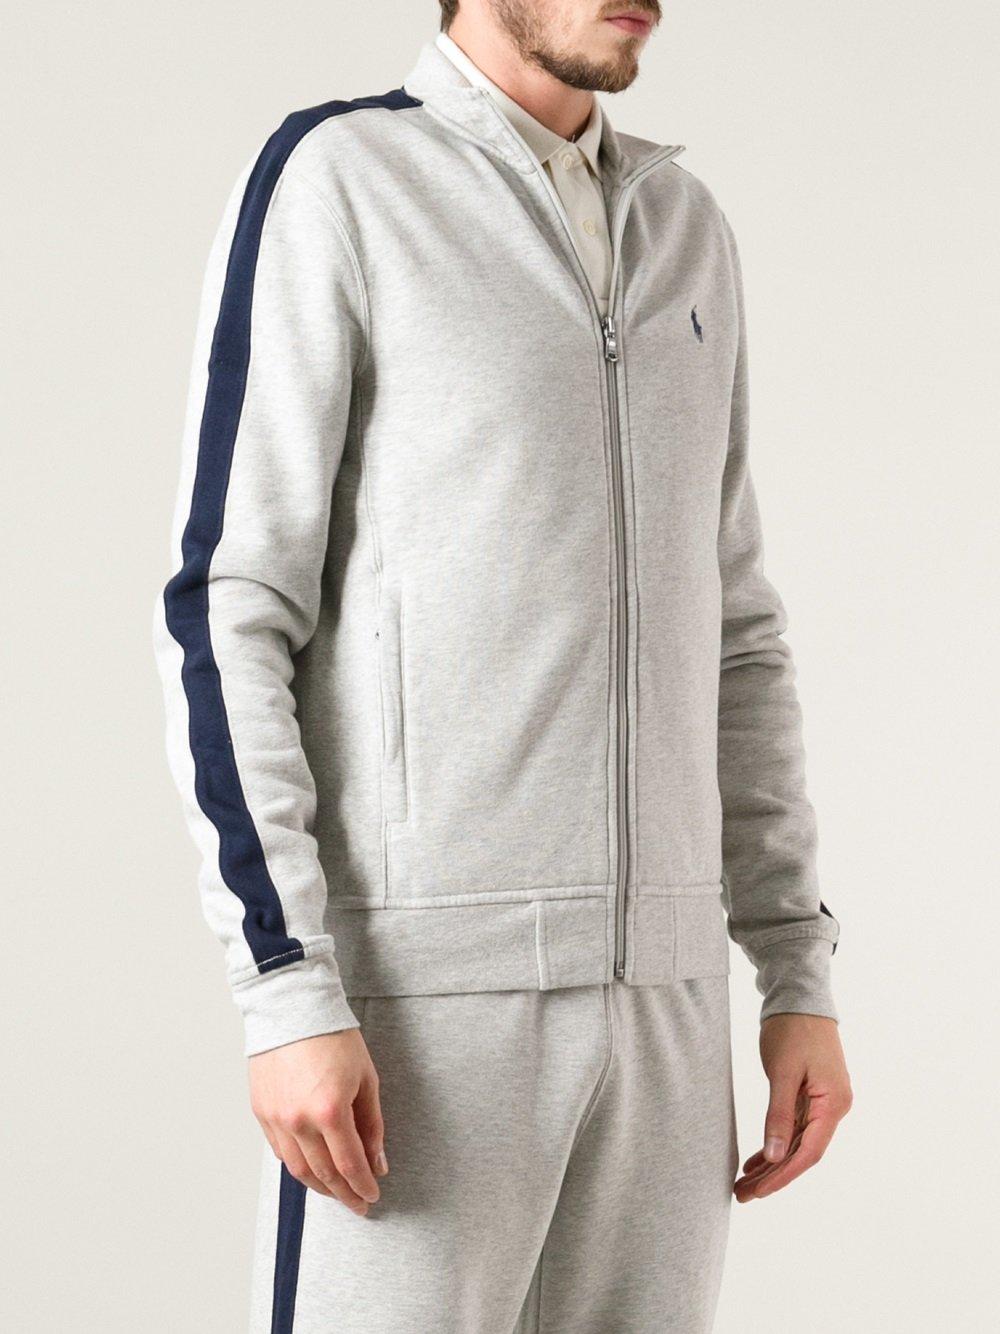 Lyst Polo Ralph Lauren Zipup Sweater In Gray For Men